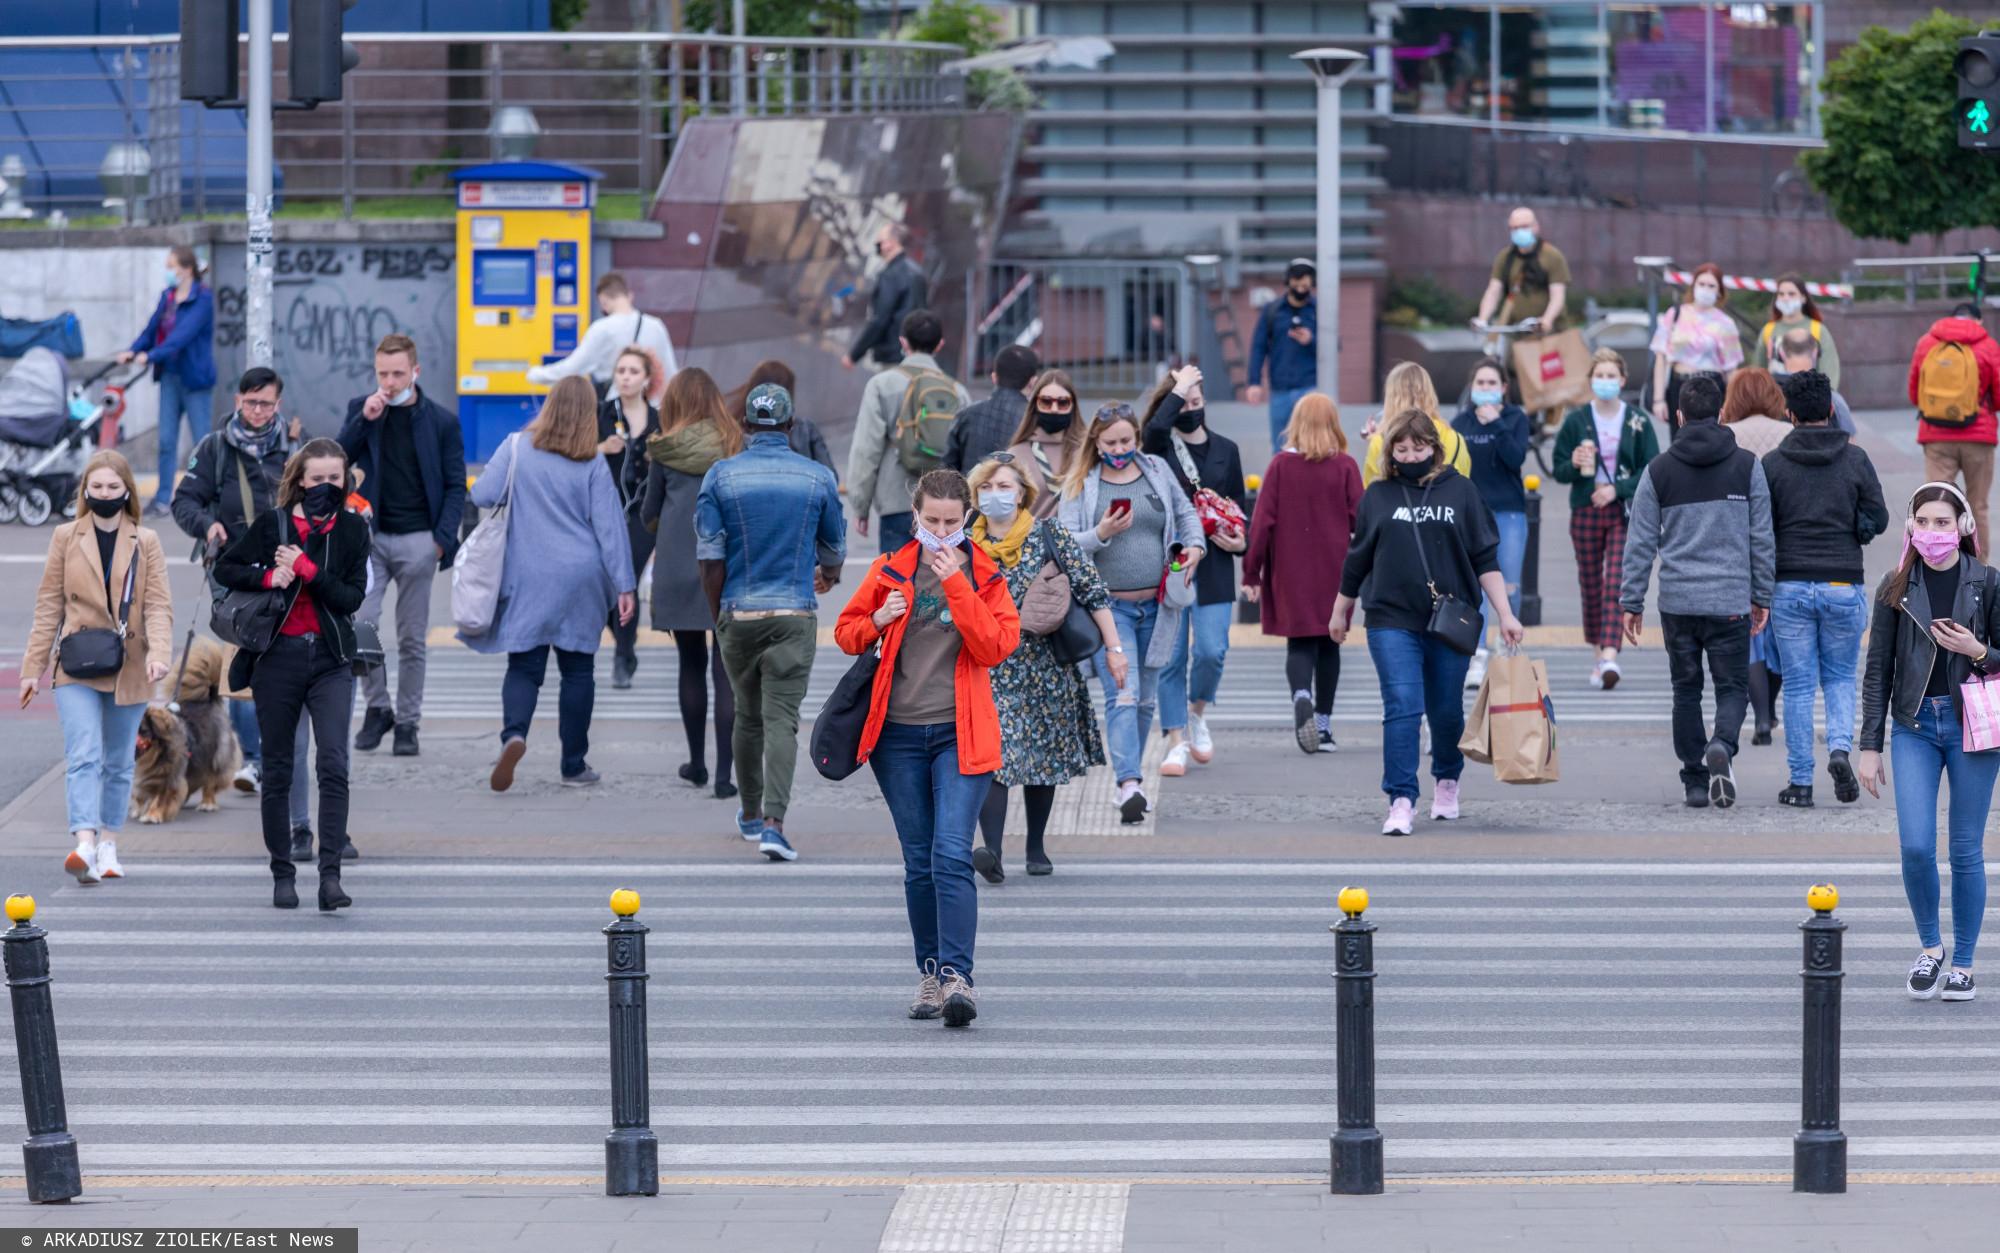 Rząd w ostatniej chwili zmienił zakaz. Wielu Polaków odetchnie z ulgą, najlepsza wiadomość